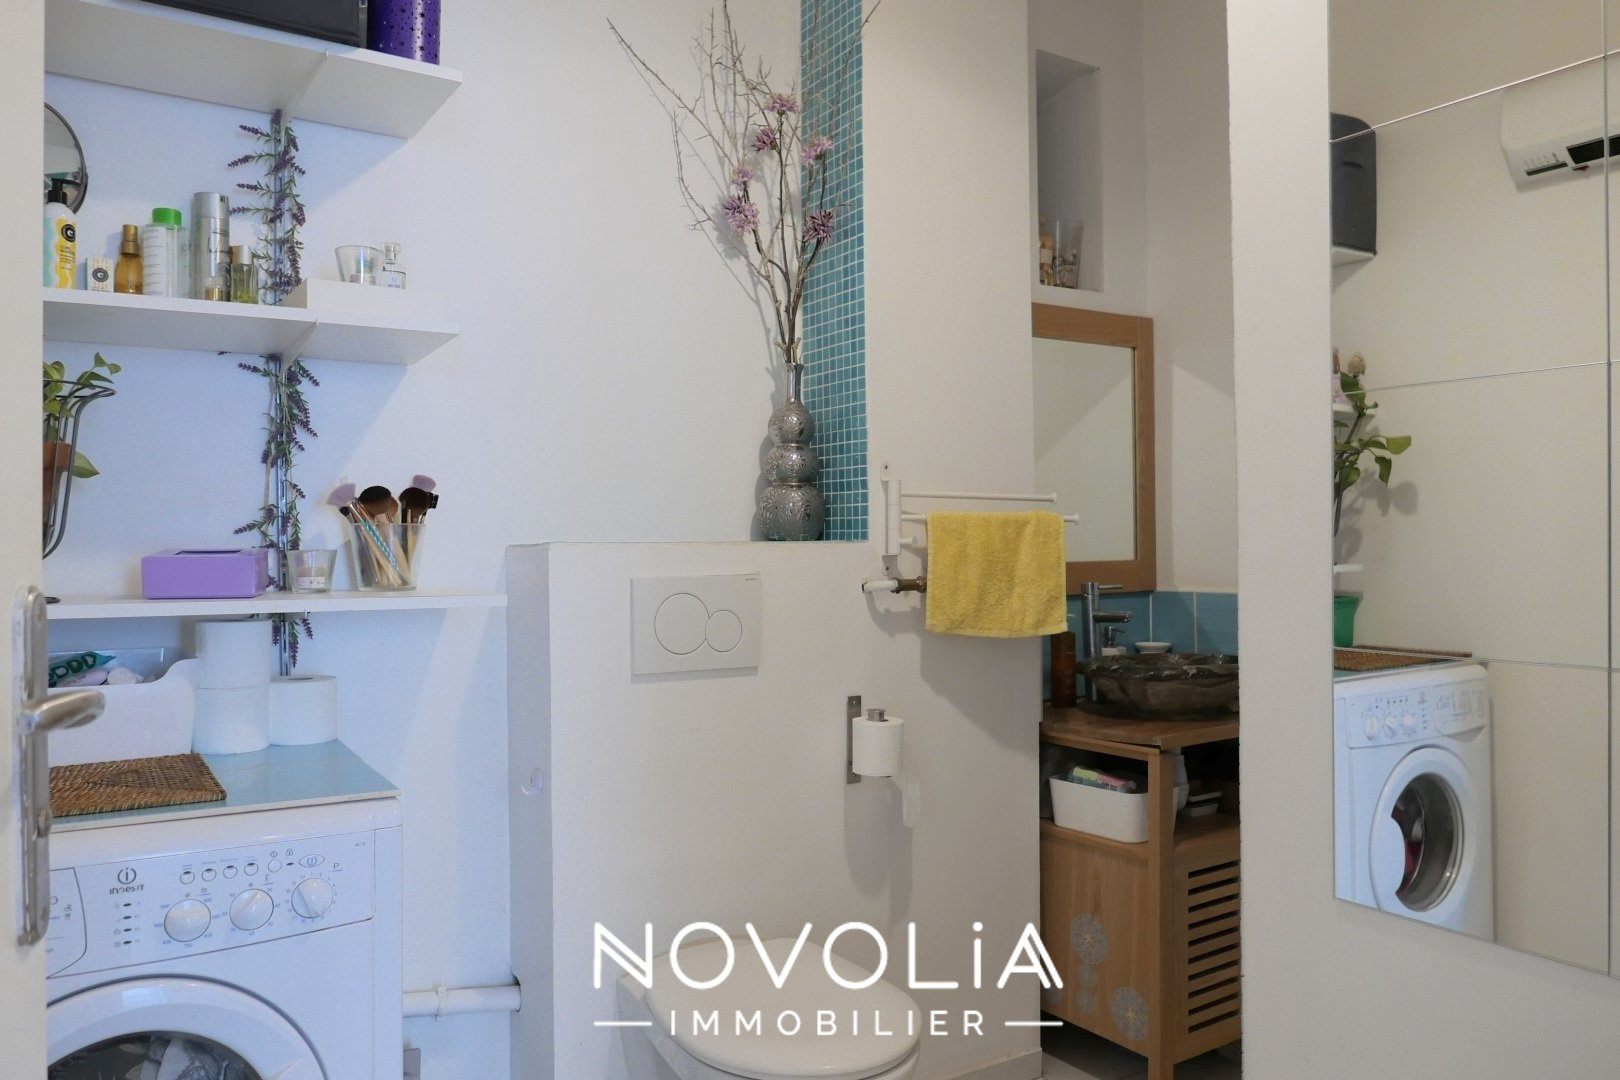 Achat Appartement, Surface de 47.48 m²/ Total carrez : 47.48 m², 2 pièces, Villeurbanne (69100)